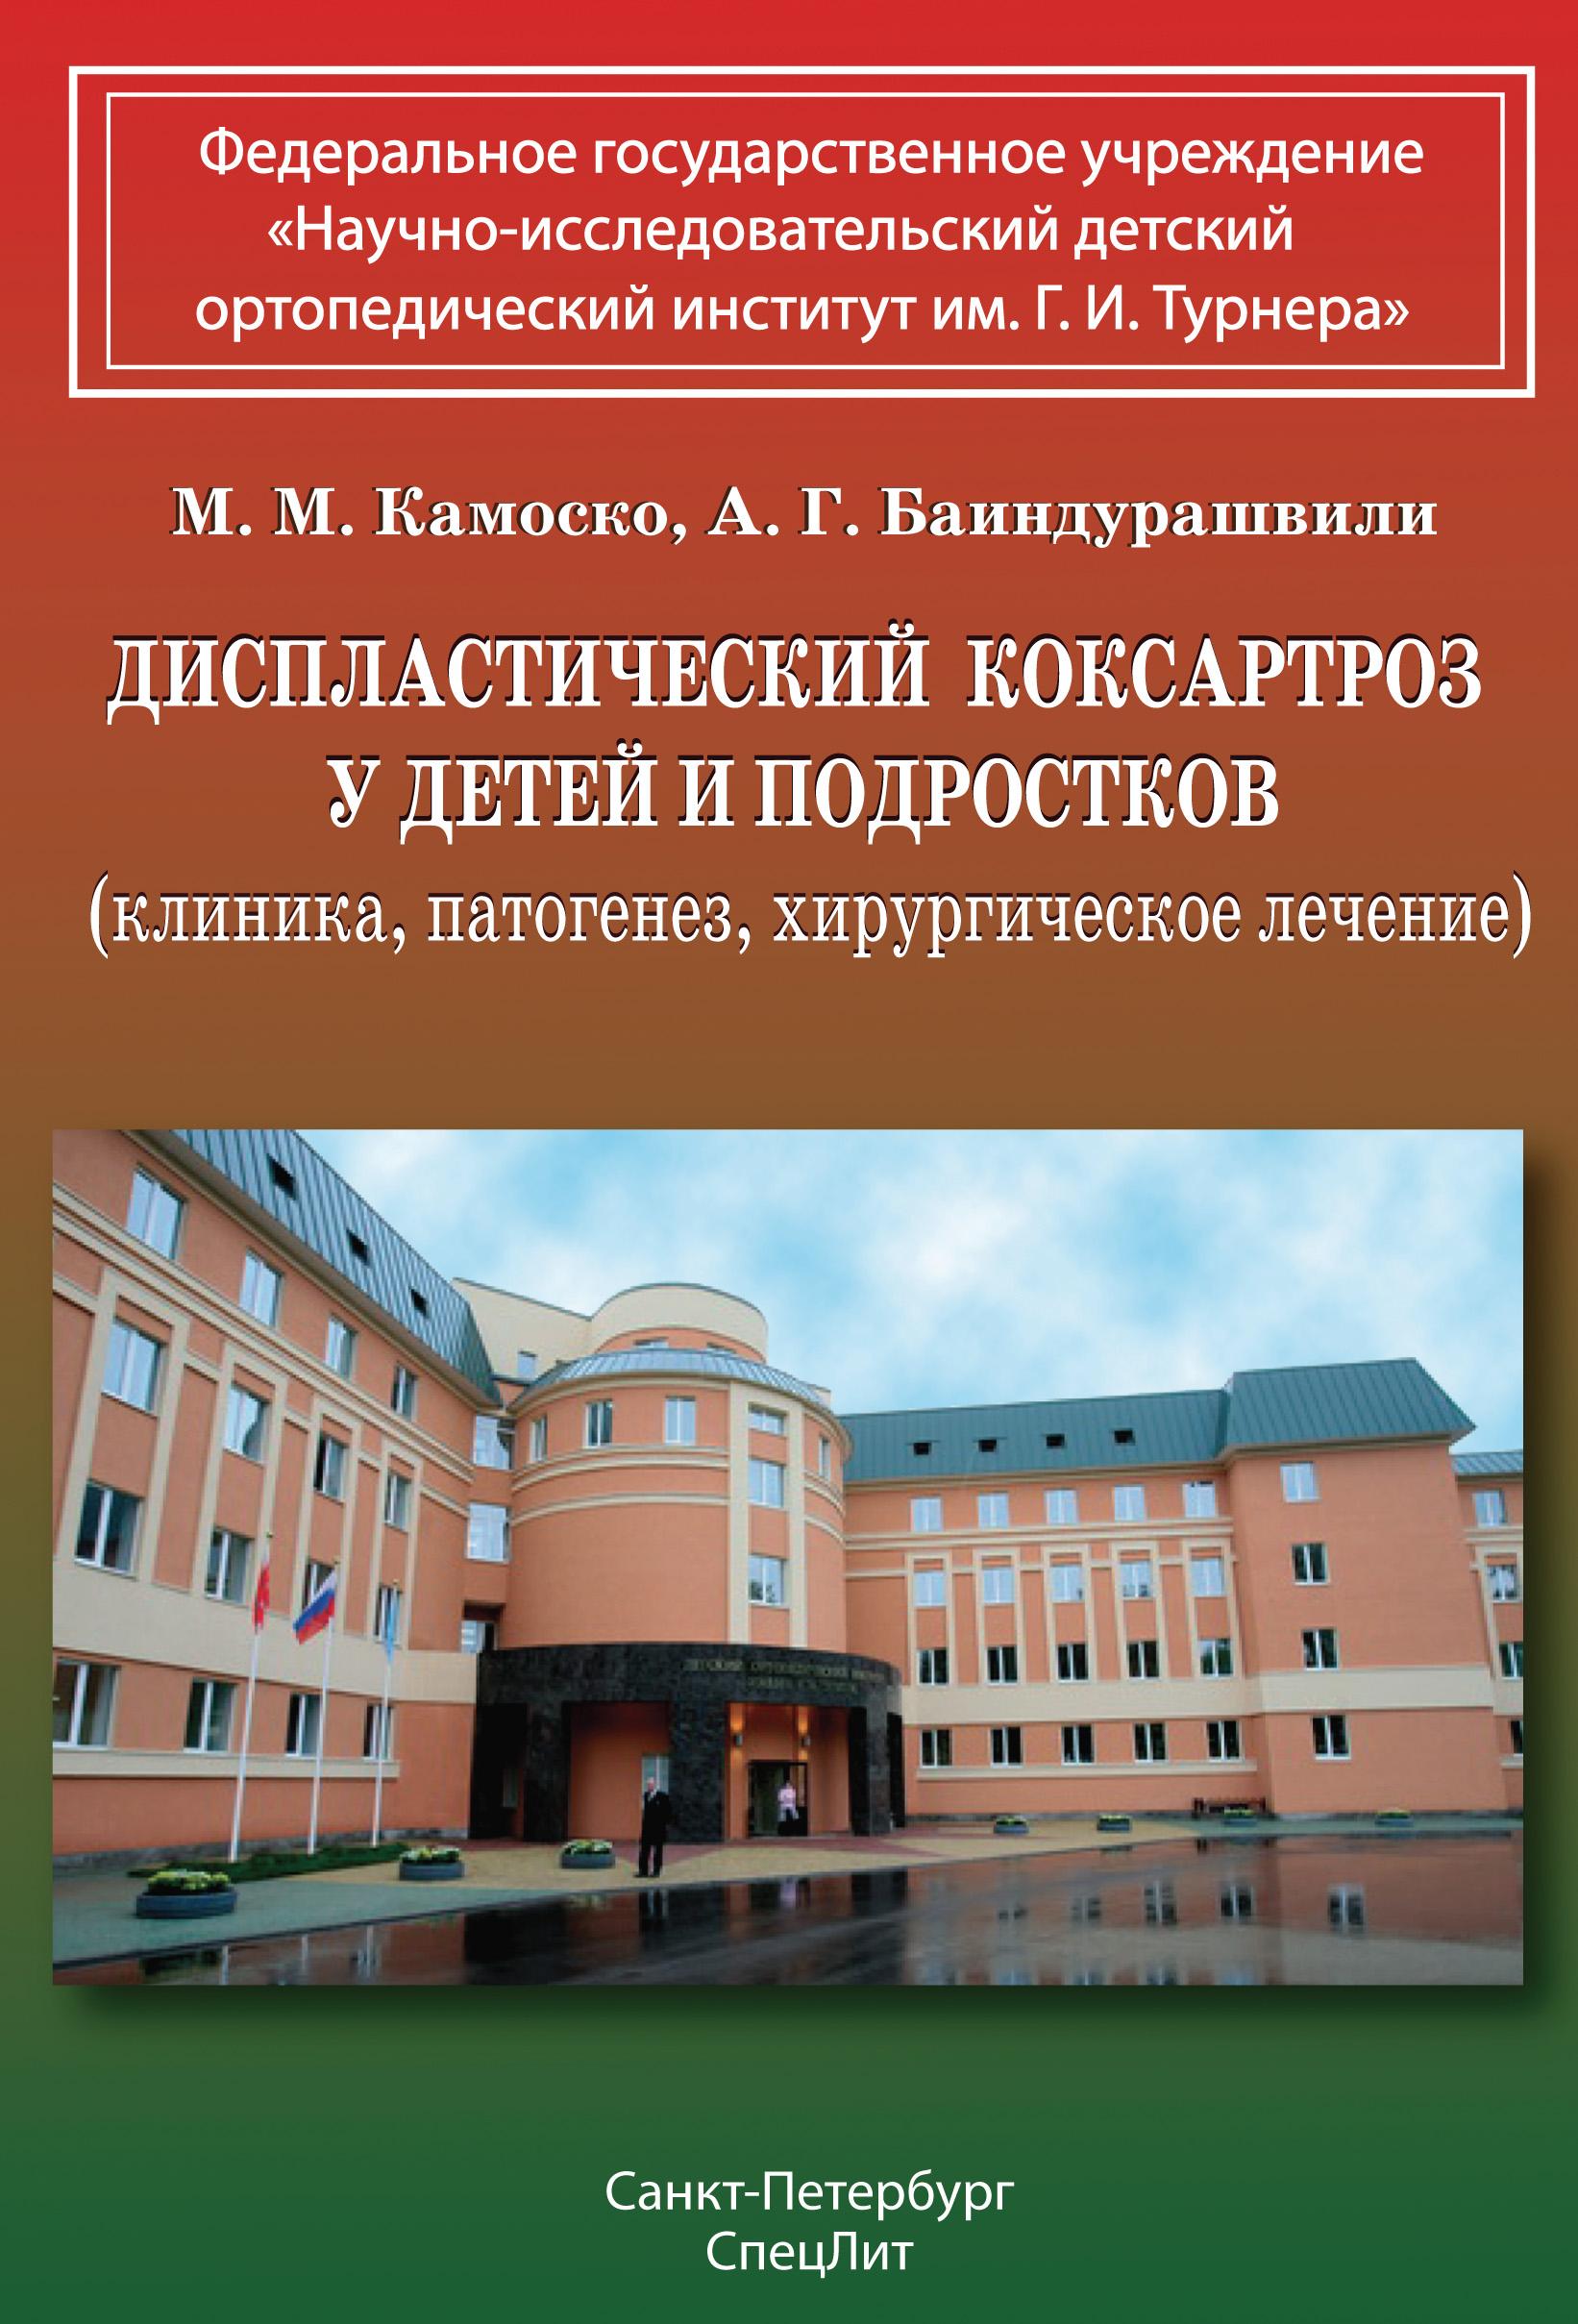 А. Г. Баиндурашвили Диспластический коксартроз у детей и подростков (клиника, патогенез, хирургическое лечение)